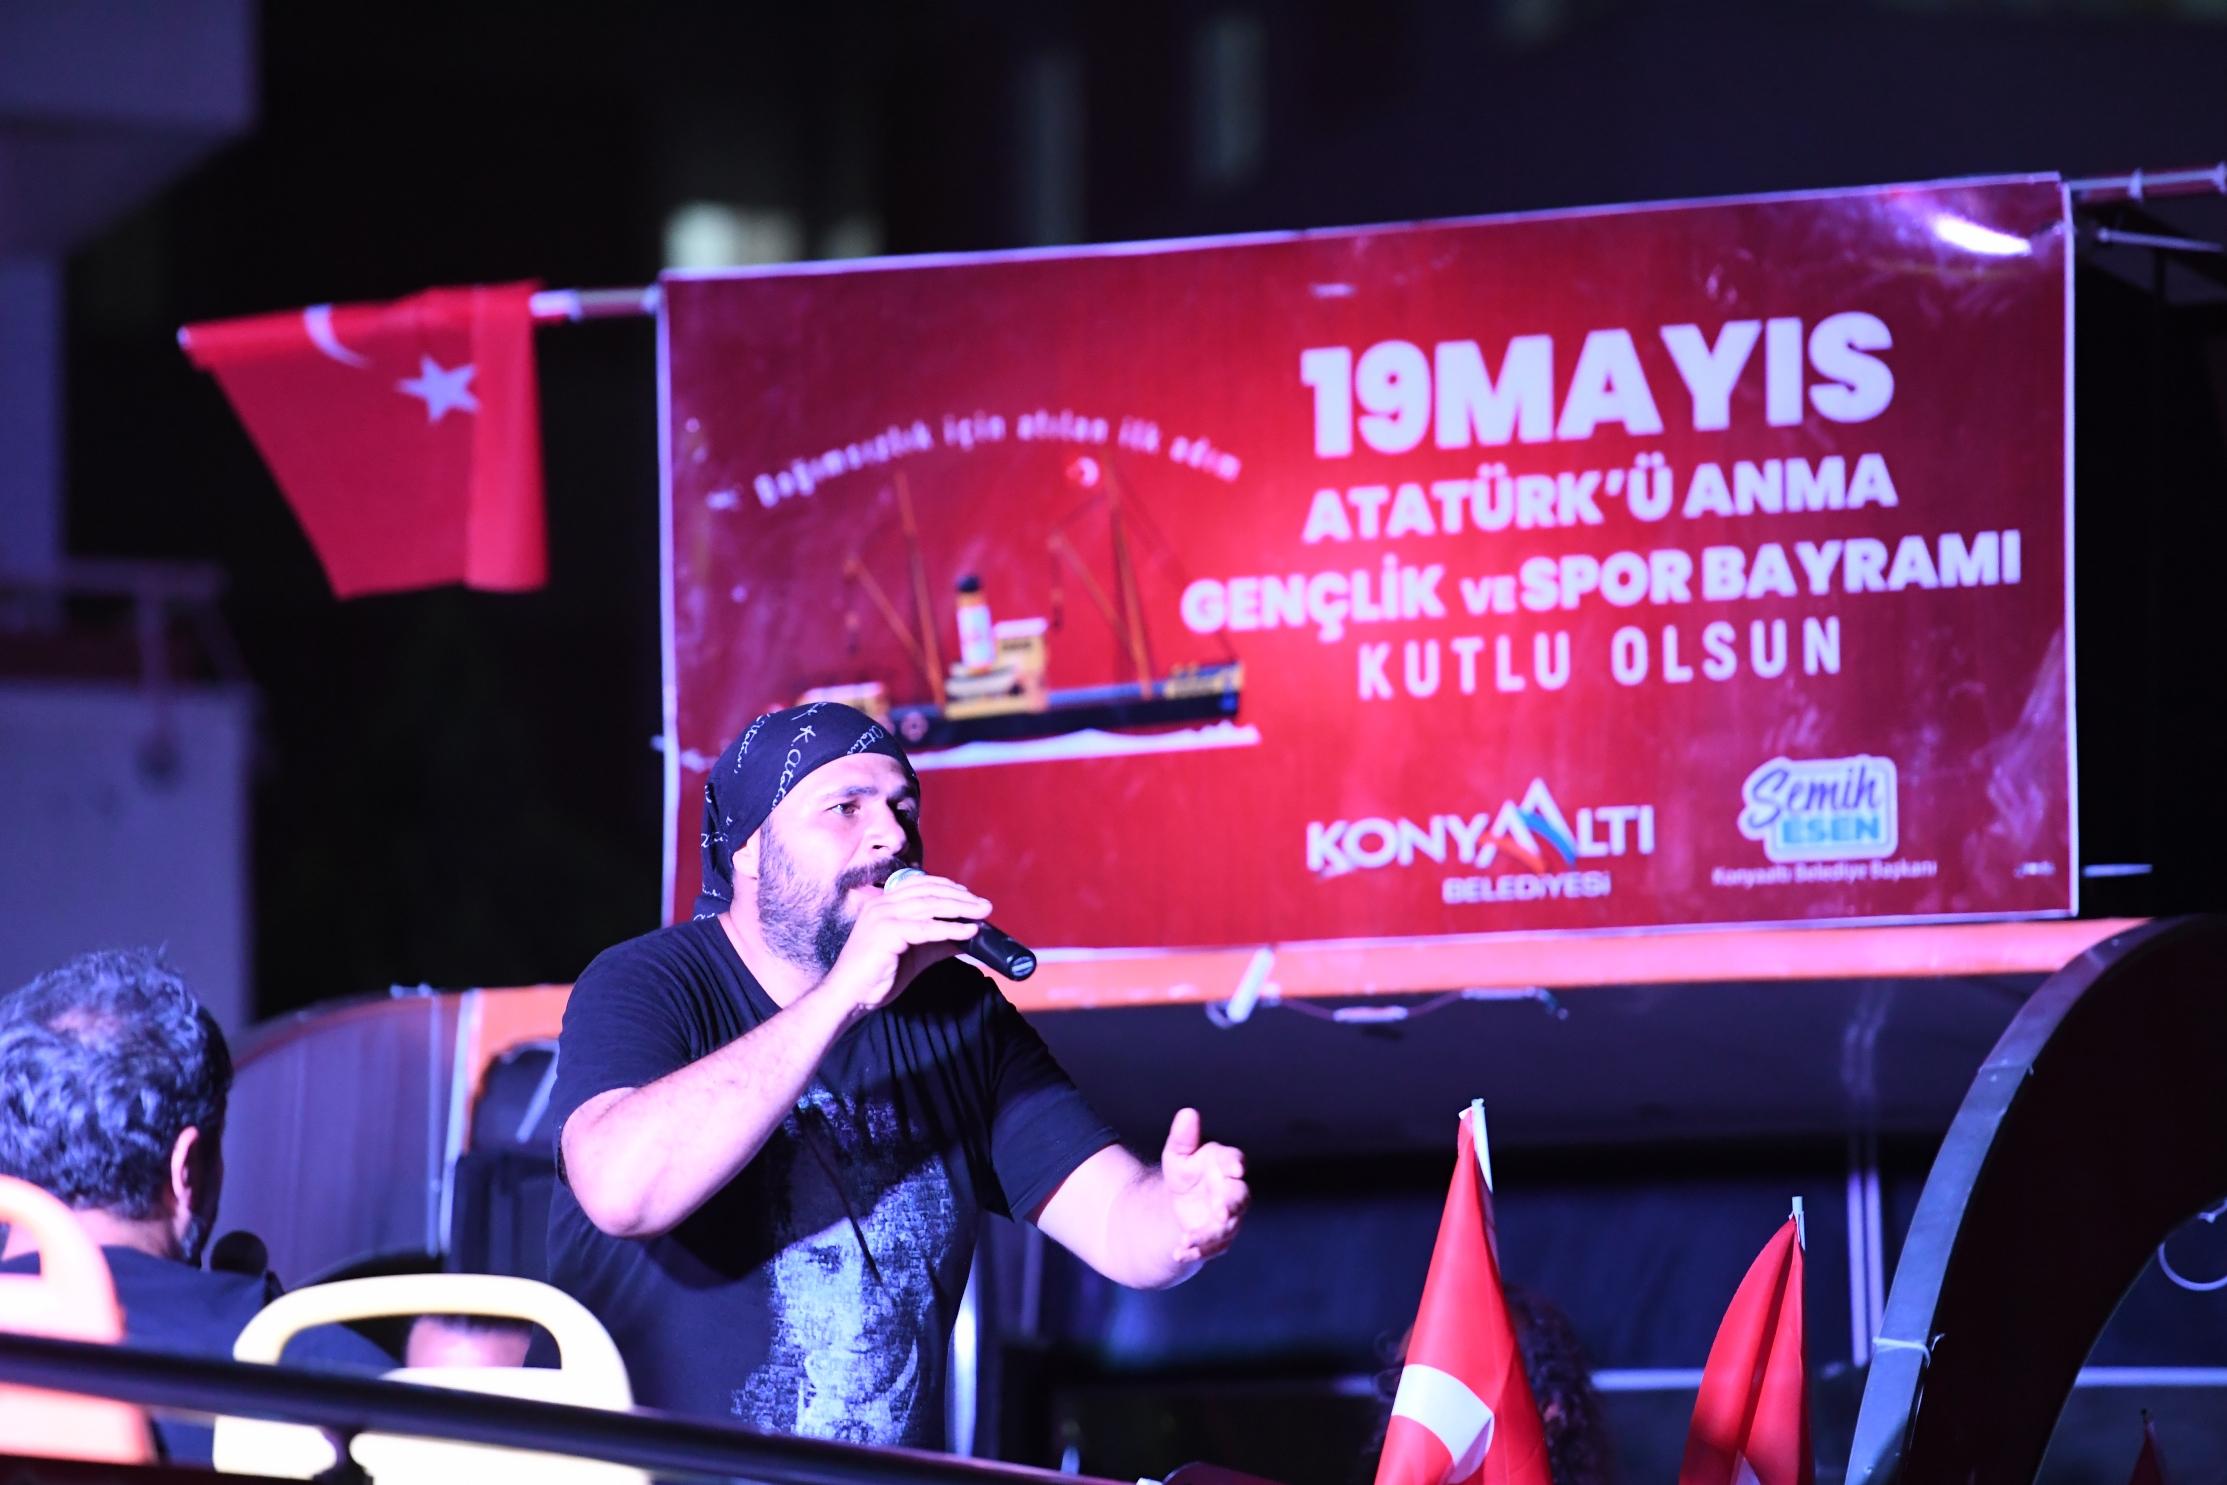 Konyaaltı'nda 19 Mayıs coşkusu balkonlara taştı